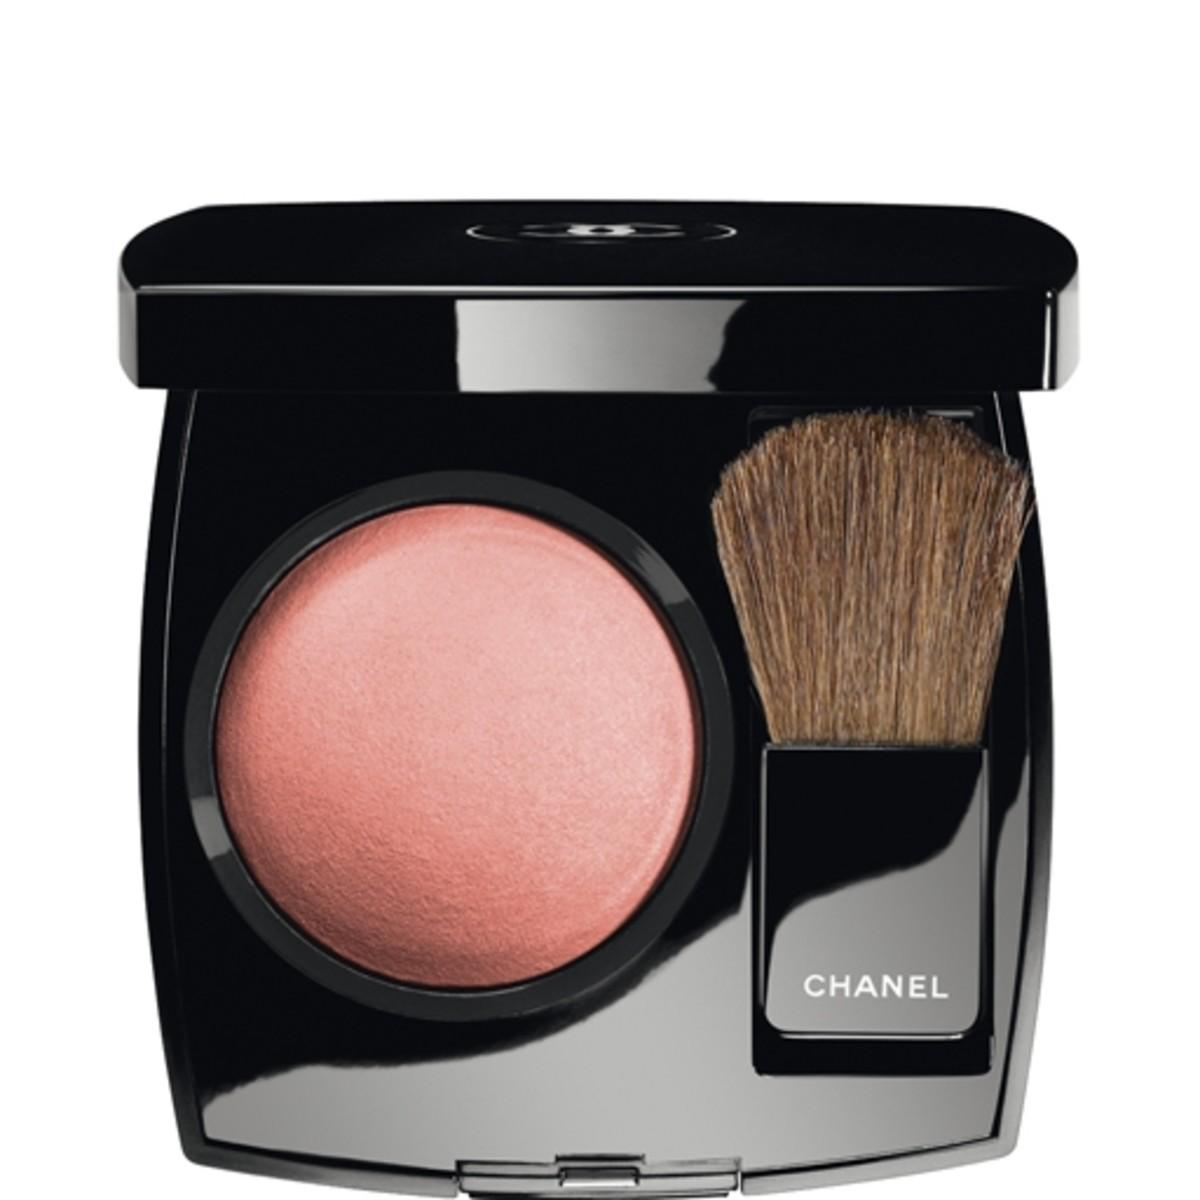 Chanel Joues Contraste Powder Blush in Rose Petale